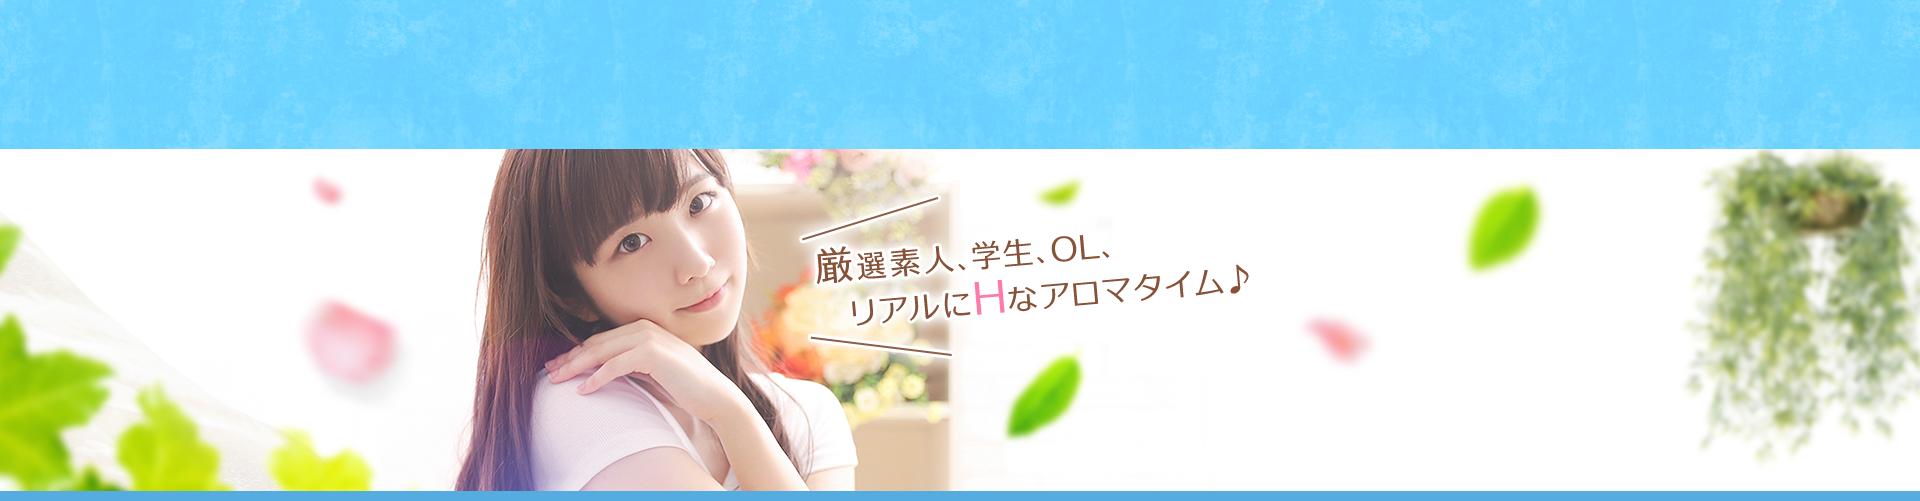 アロマピュアン新橋公式ブログ